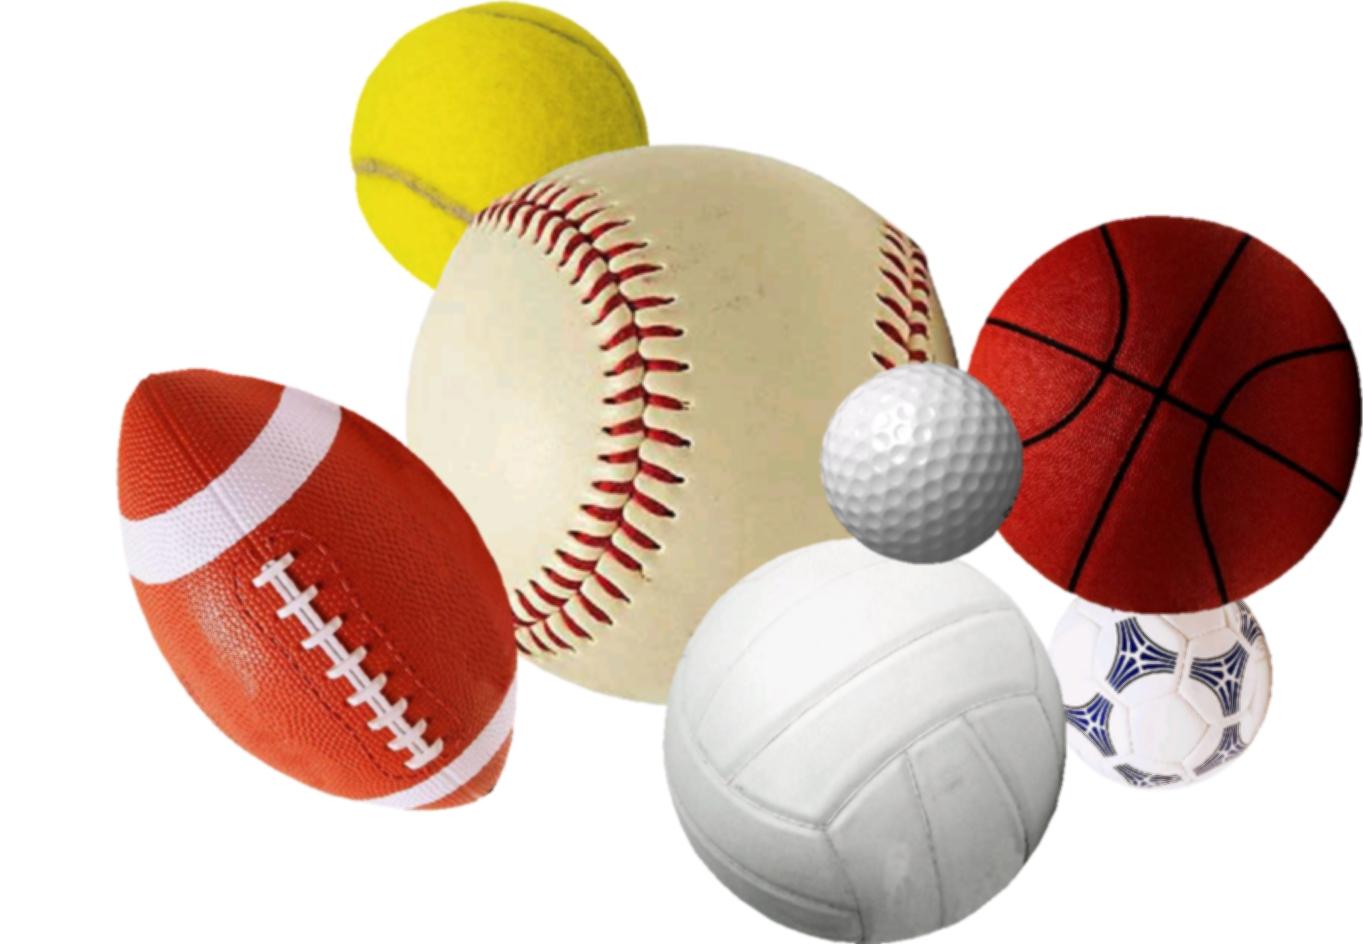 Balls Backgrounds, Compatible - PC, Mobile, Gadgets| 1363x944 px